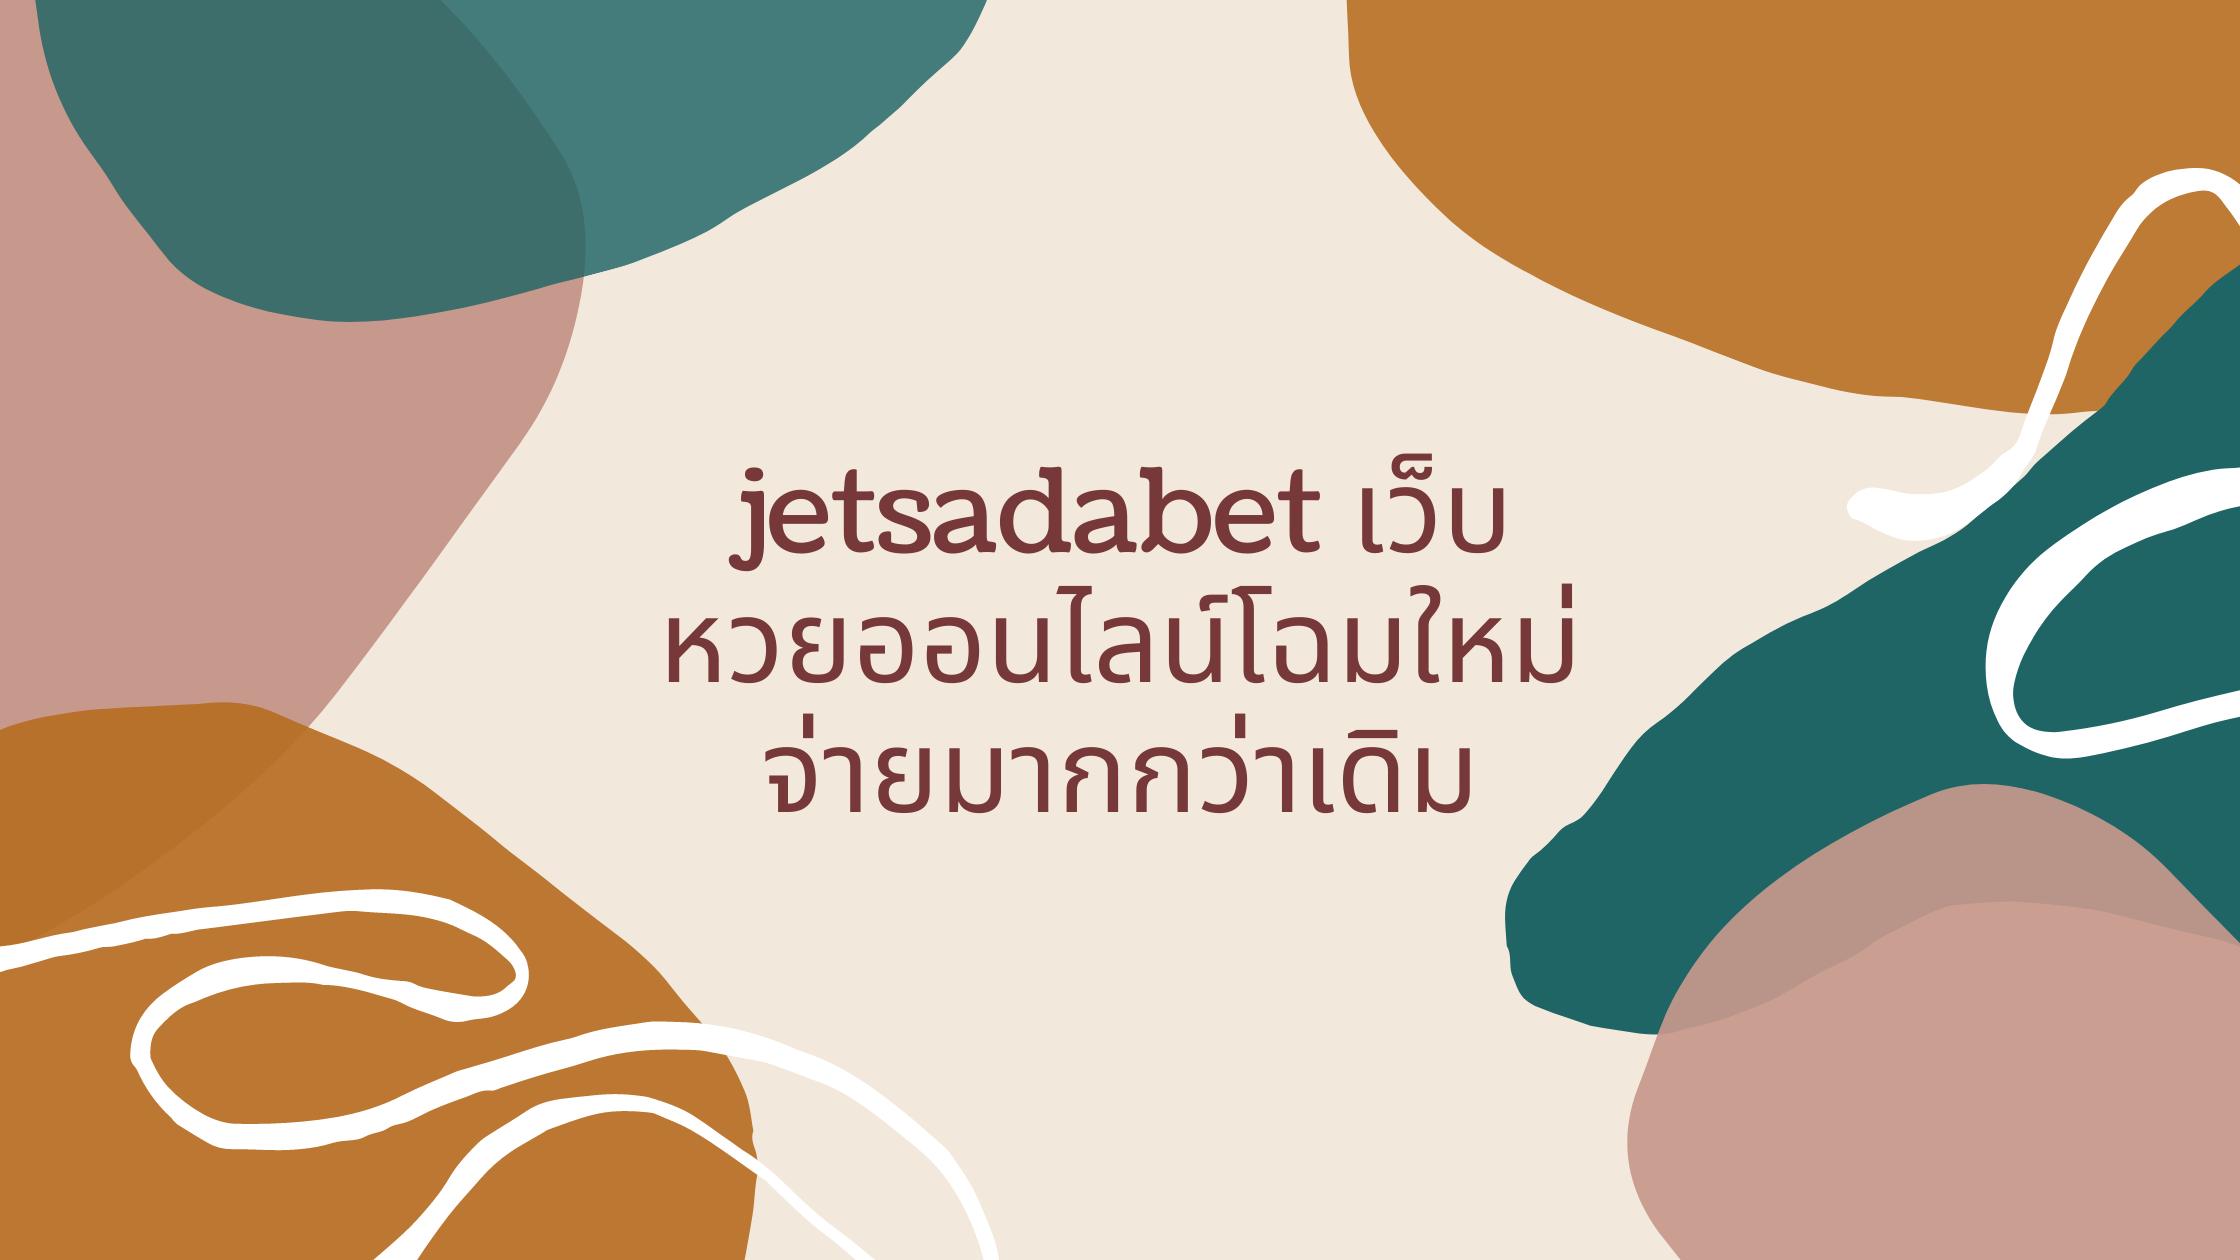 jetsadabet เว็บหวยออนไลน์โฉมใหม่ จ่ายมากกว่าเดิม